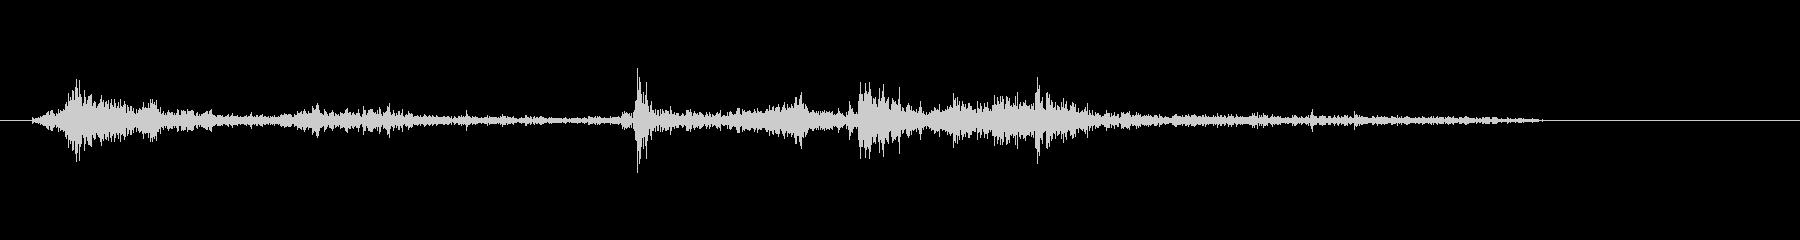 シュペラッ(本をめくる音)の未再生の波形